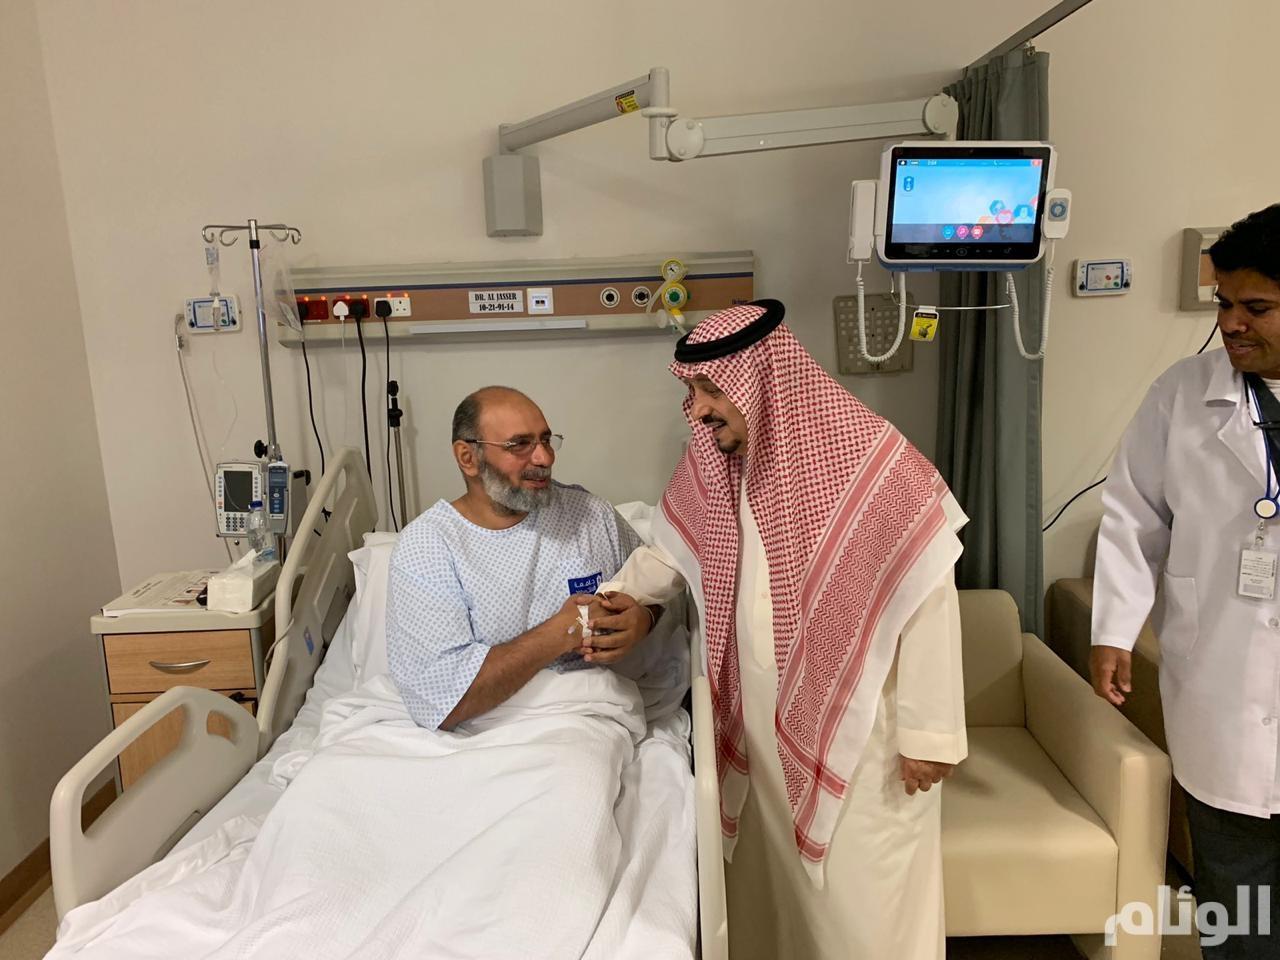 أمير الرياض يزور مدير عام المراسم للإطمئنان على حالته الصحية